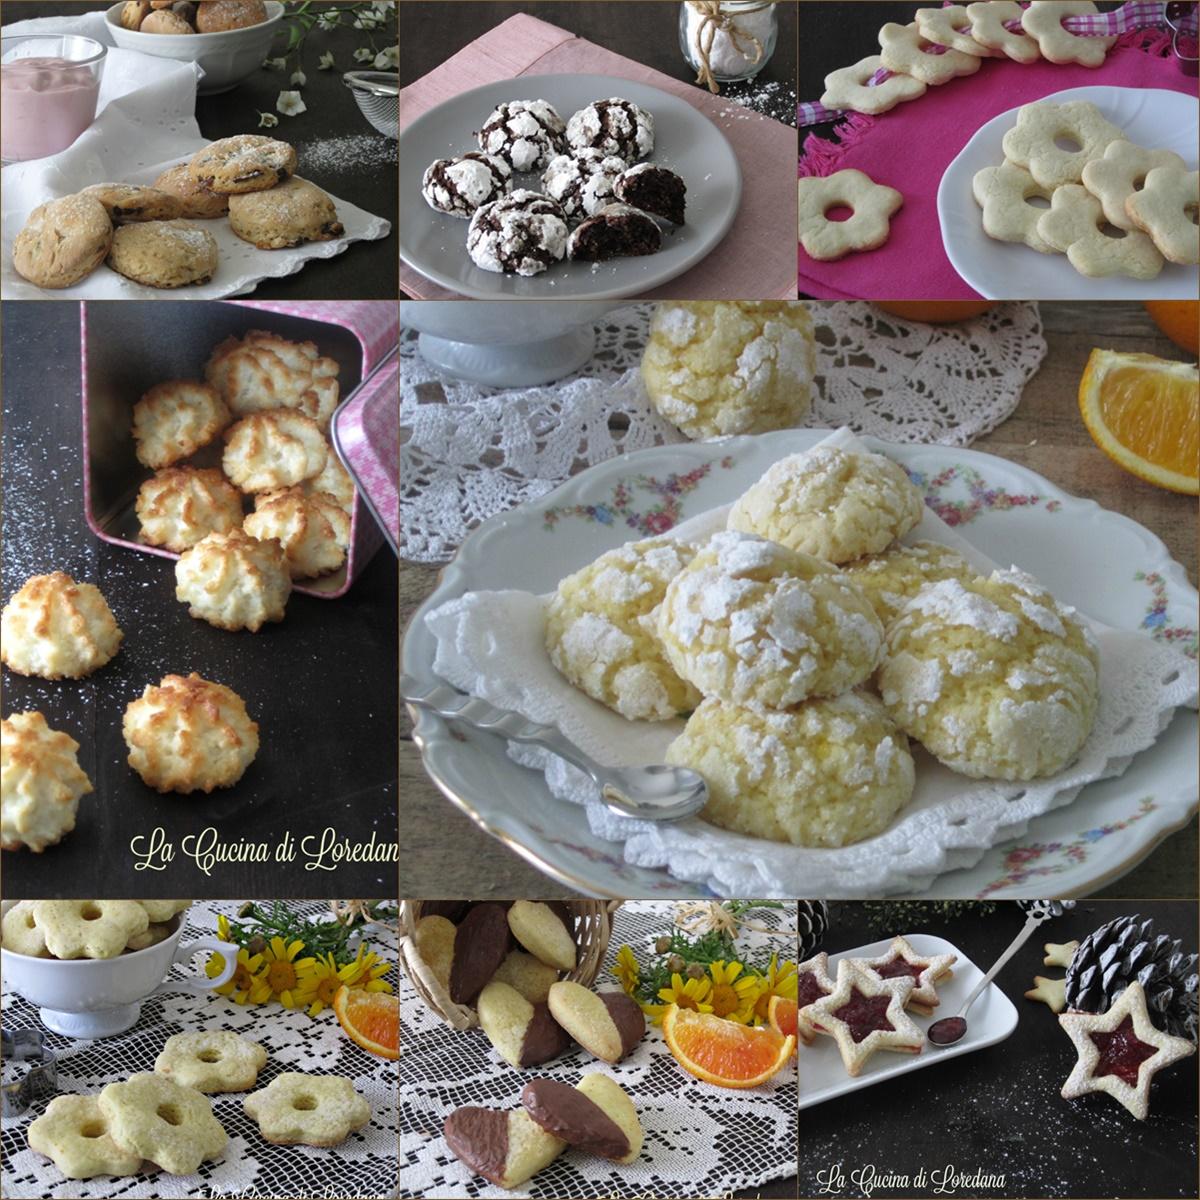 Ricette di biscotti la cucina di loredana - Loredana in cucina ...